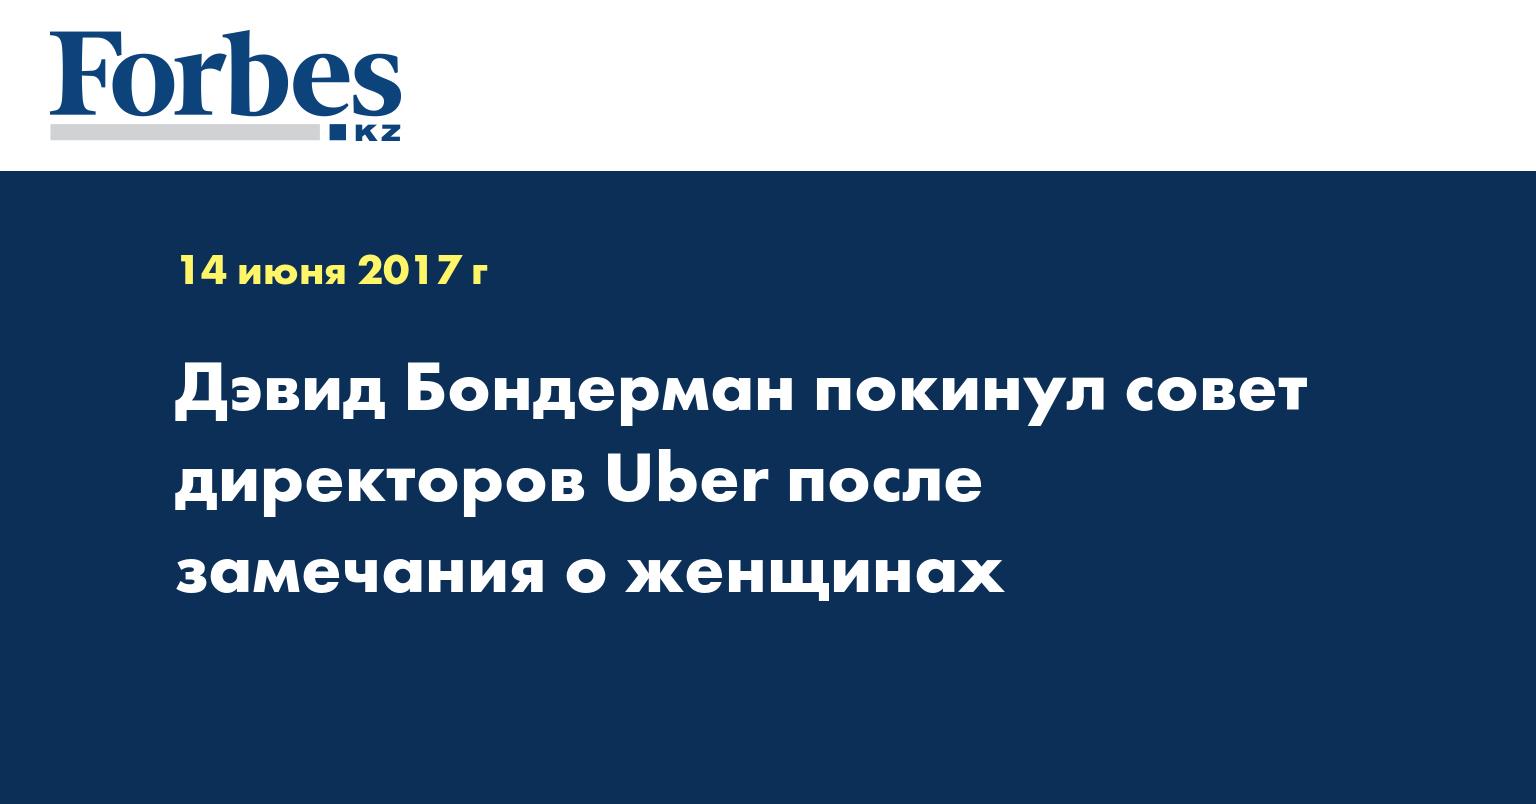 Дэвид Бондерман покинул совет директоров Uber после замечания о женщинах